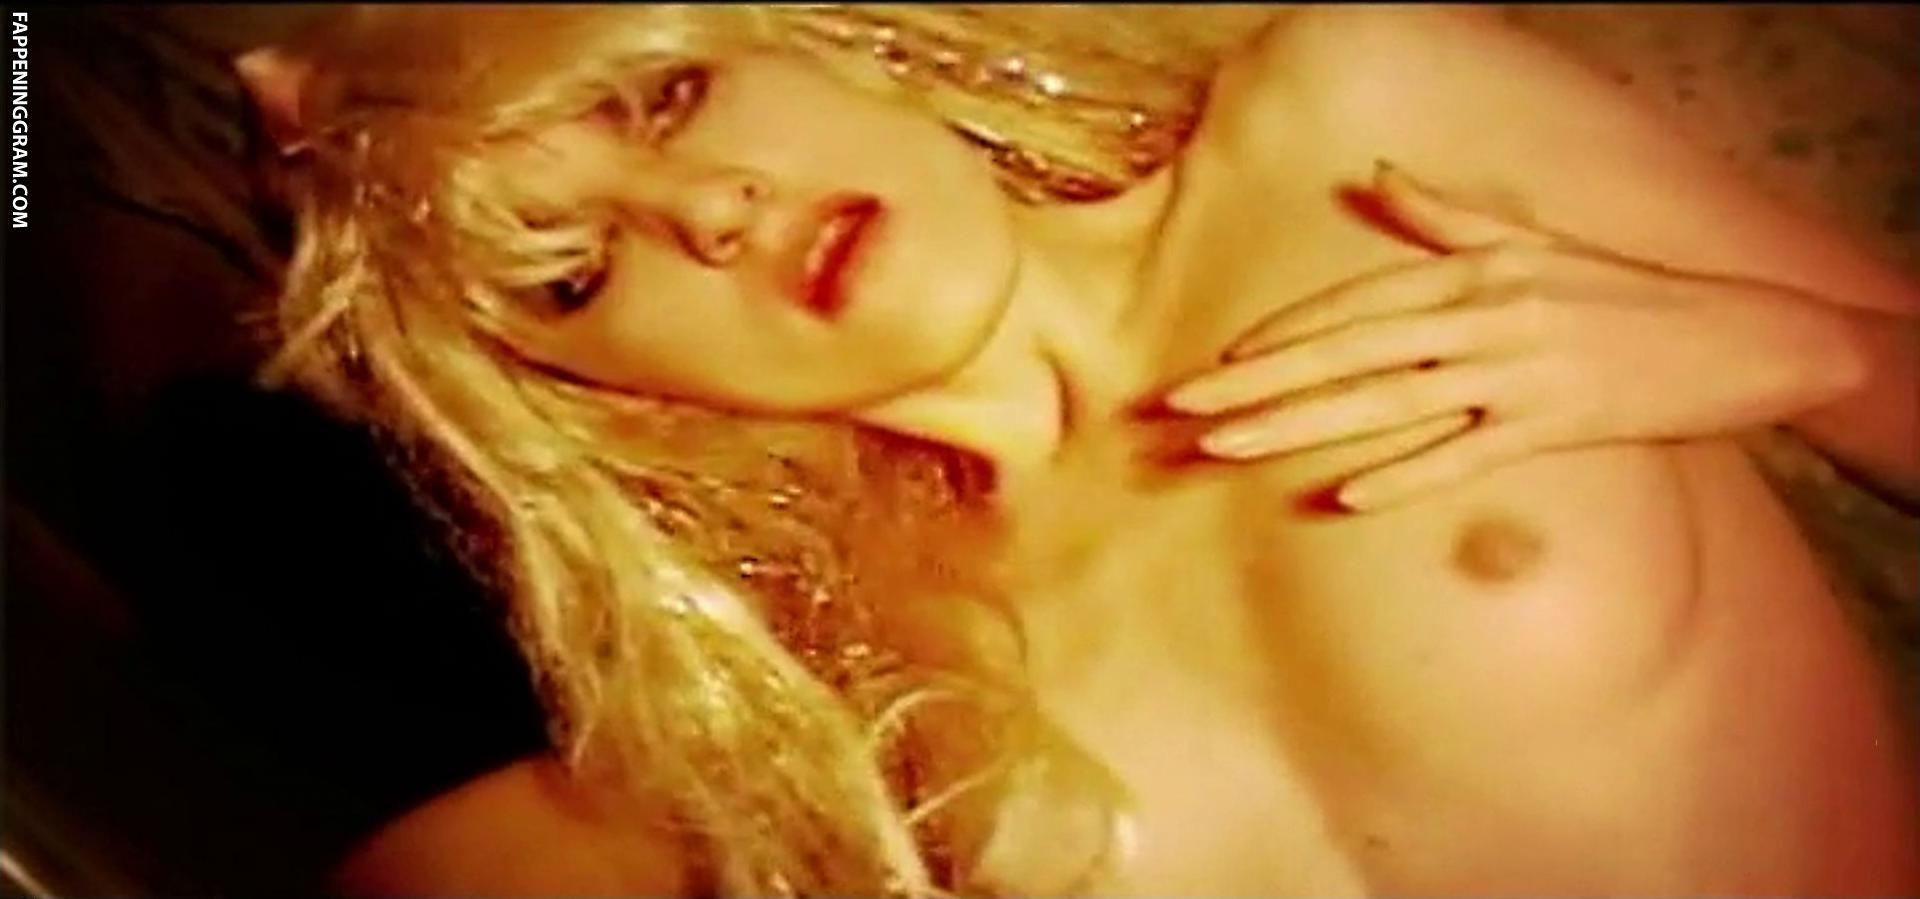 Lea Lawrynowicz Nude